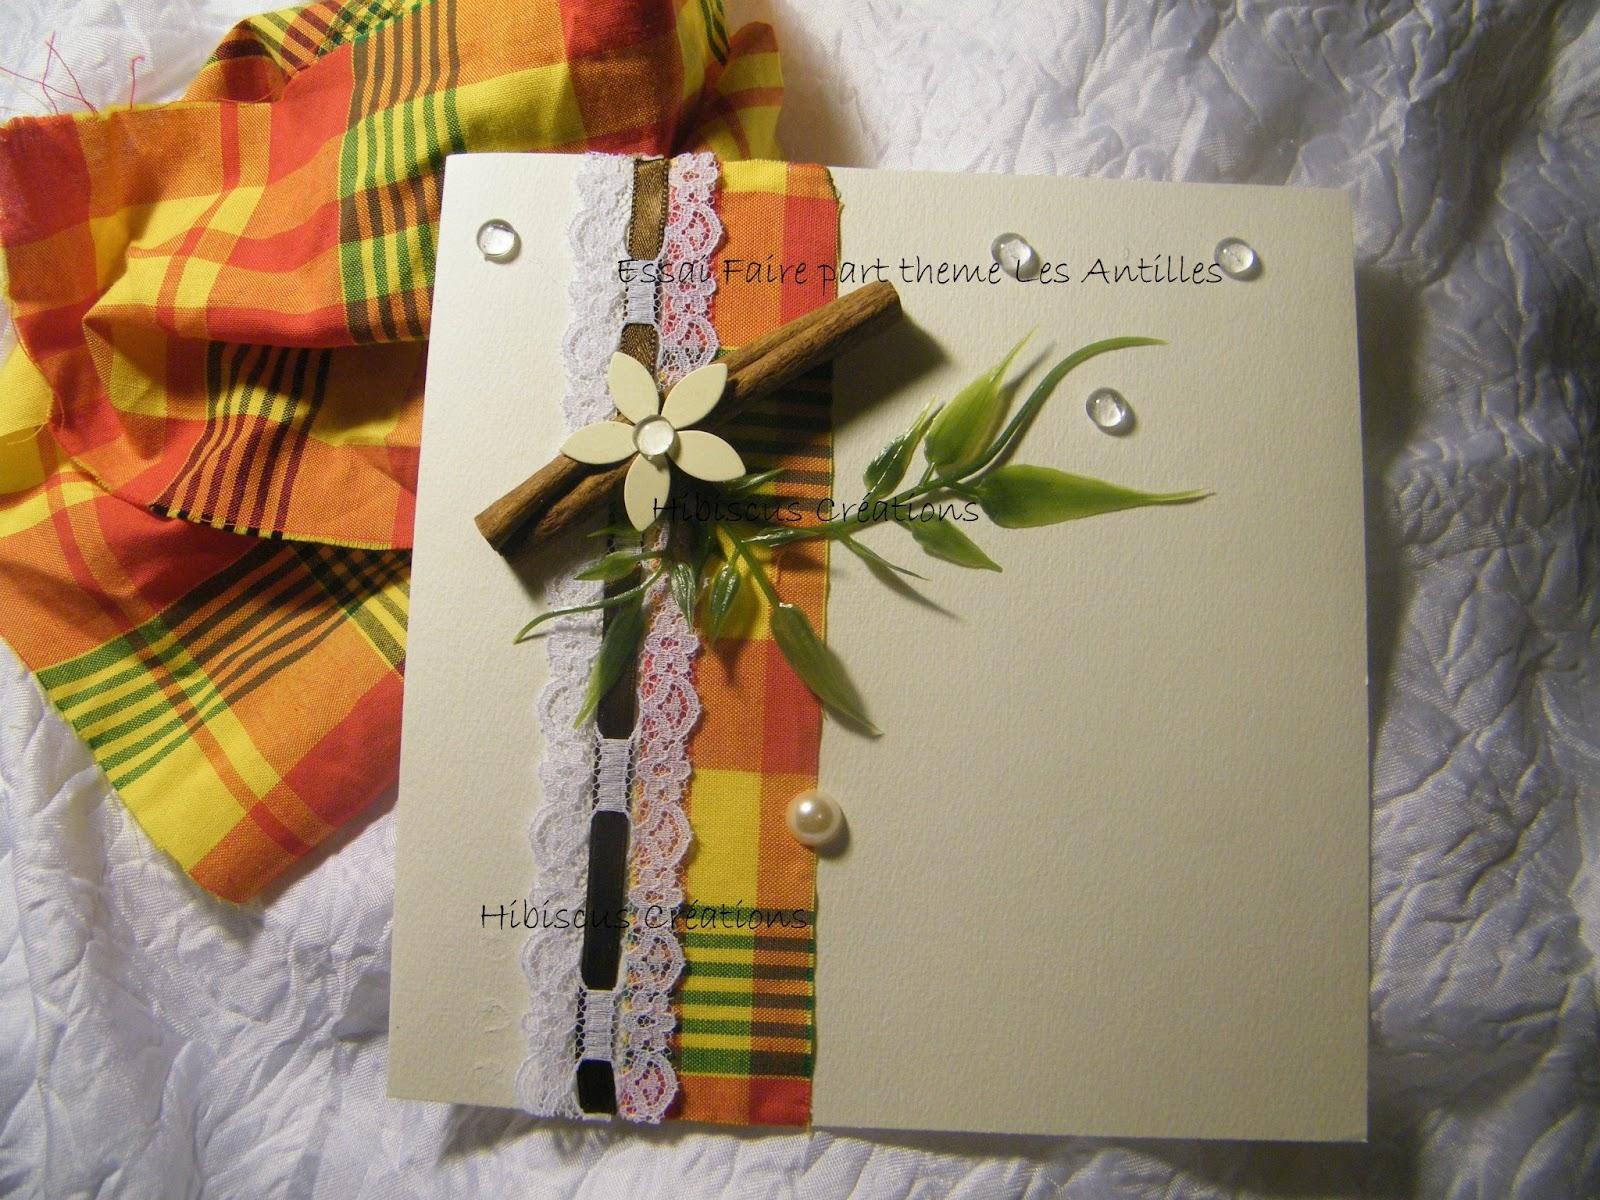 Faire part mariage madras Antilles Martinique Creole| Hibiscus